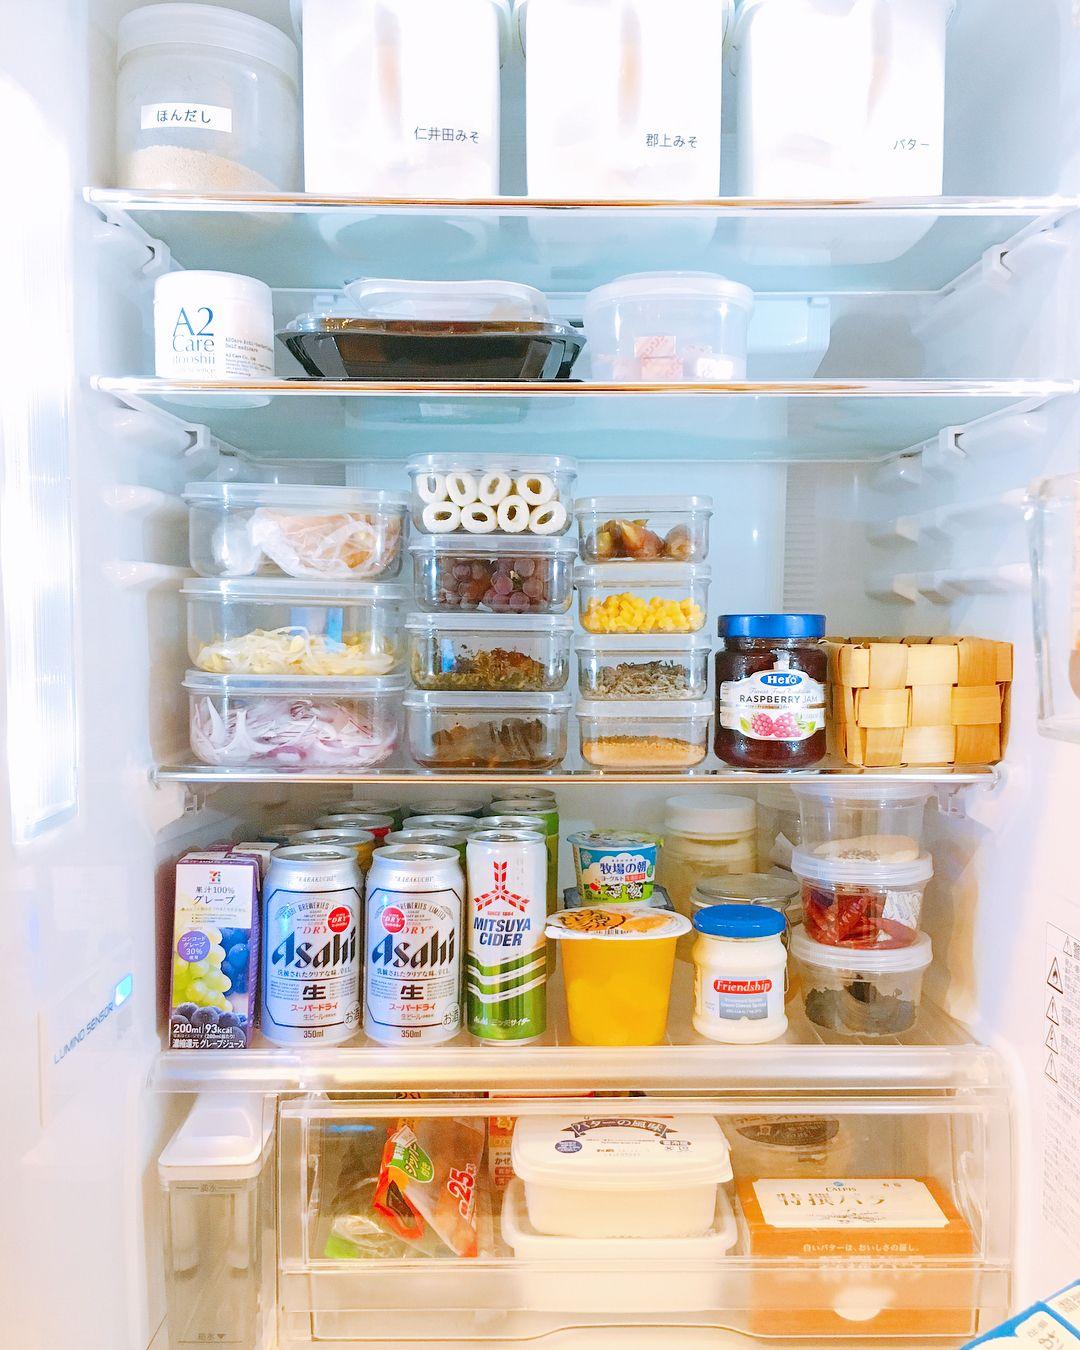 使い勝手が劇的up 節約 時短を叶える 冷蔵庫収納アイディア 10選 冷蔵庫 収納 収納 アイディア 収納